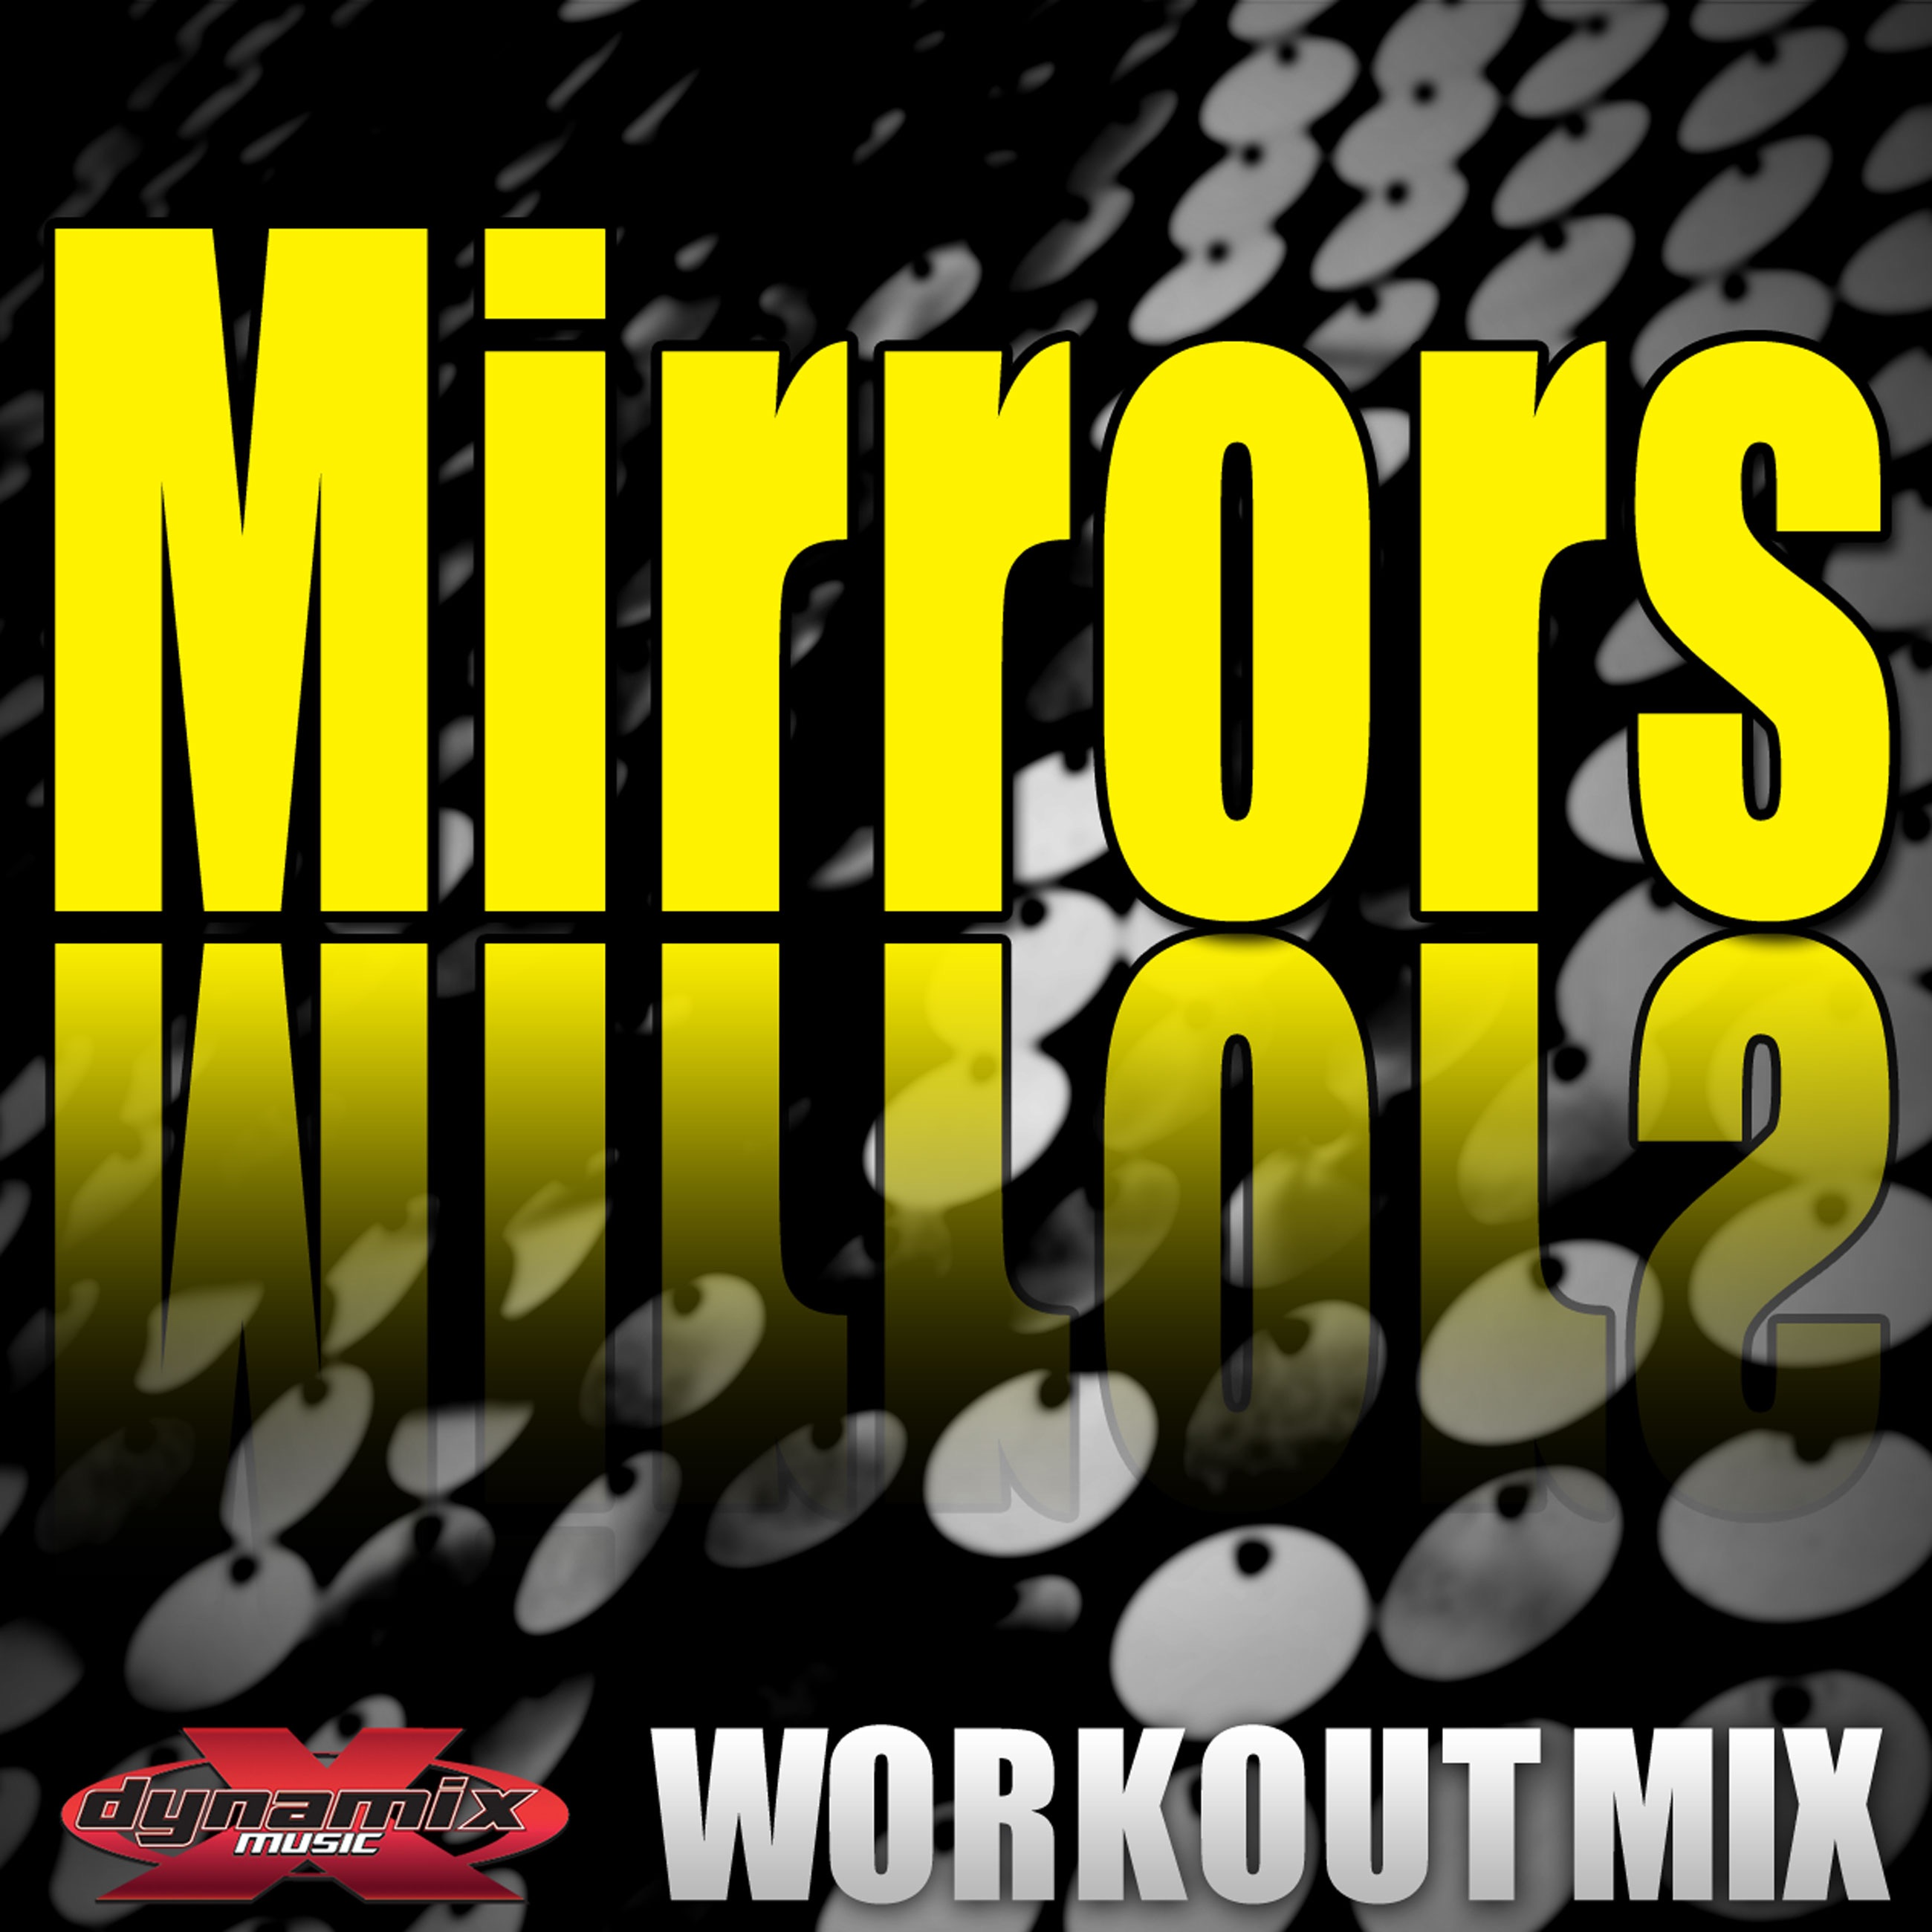 Mirrors (Workout Mix) - Single